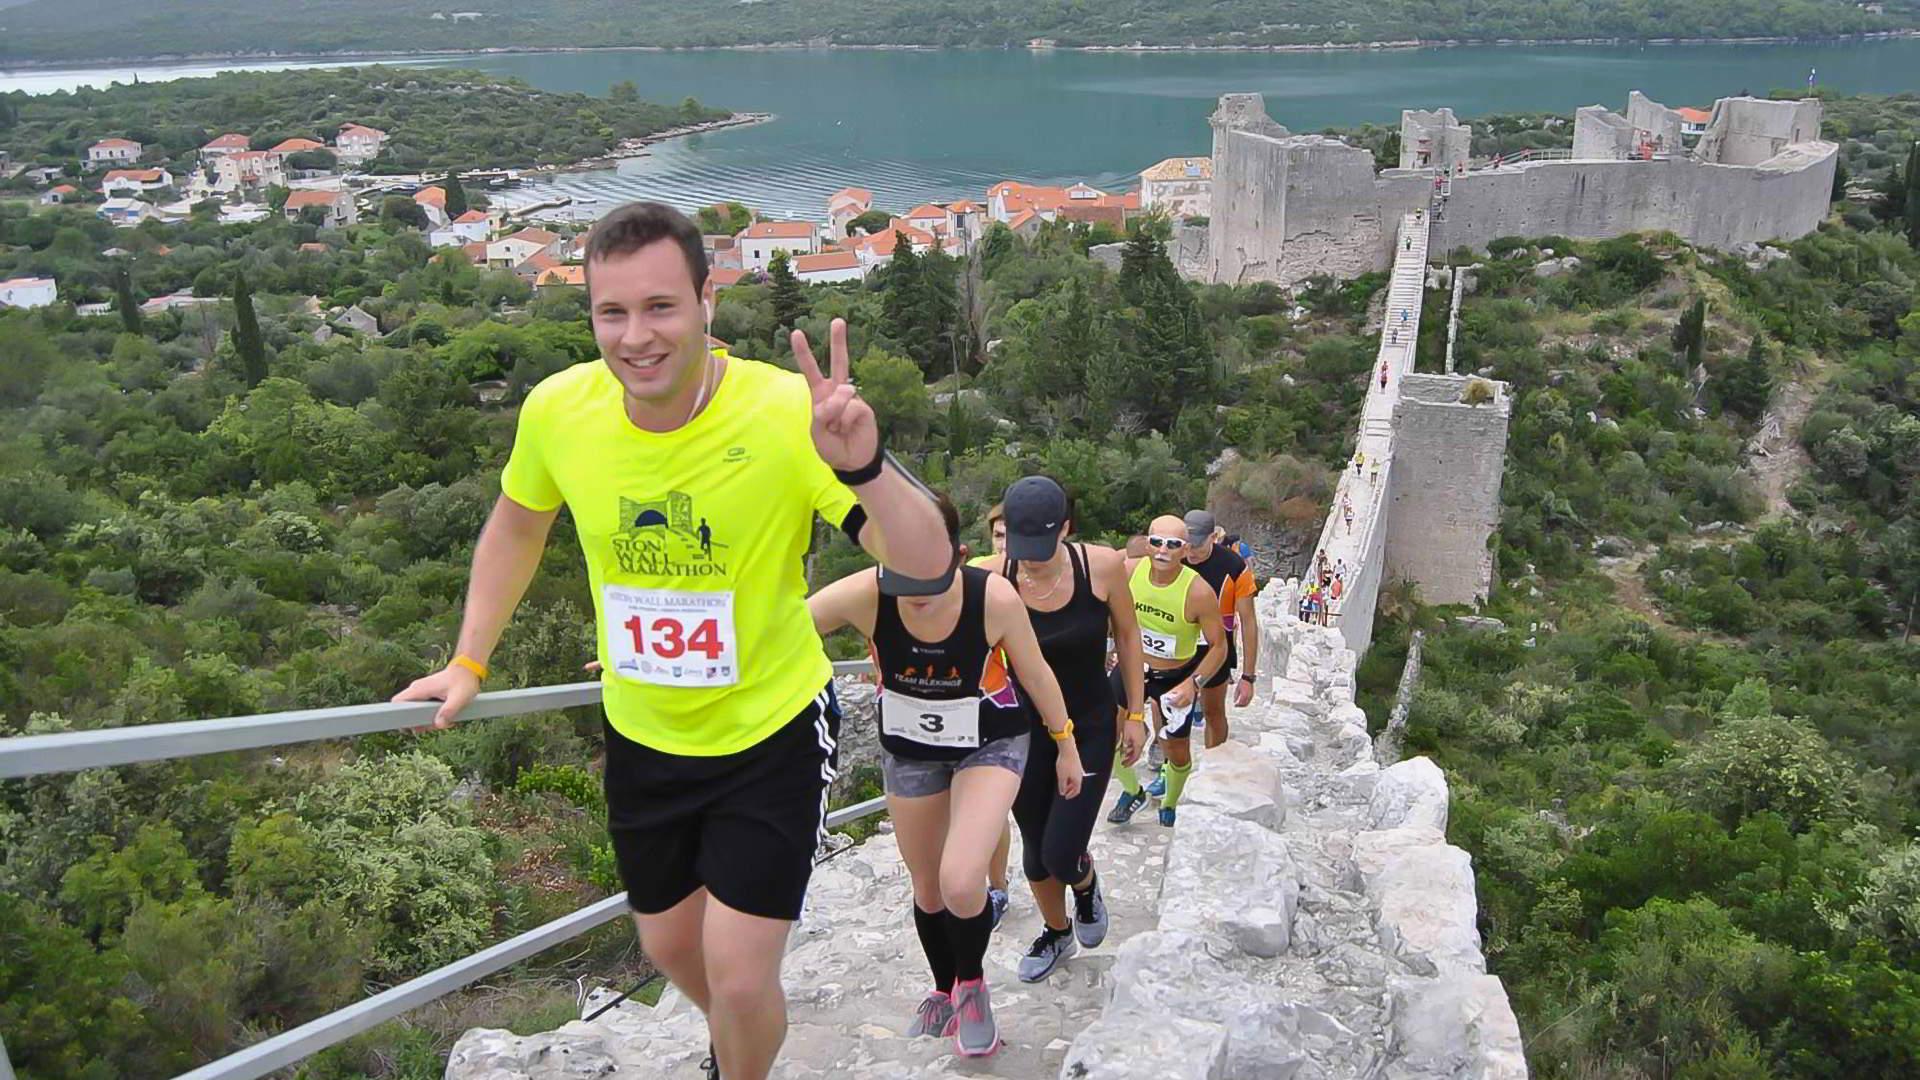 Ston wall Marathon